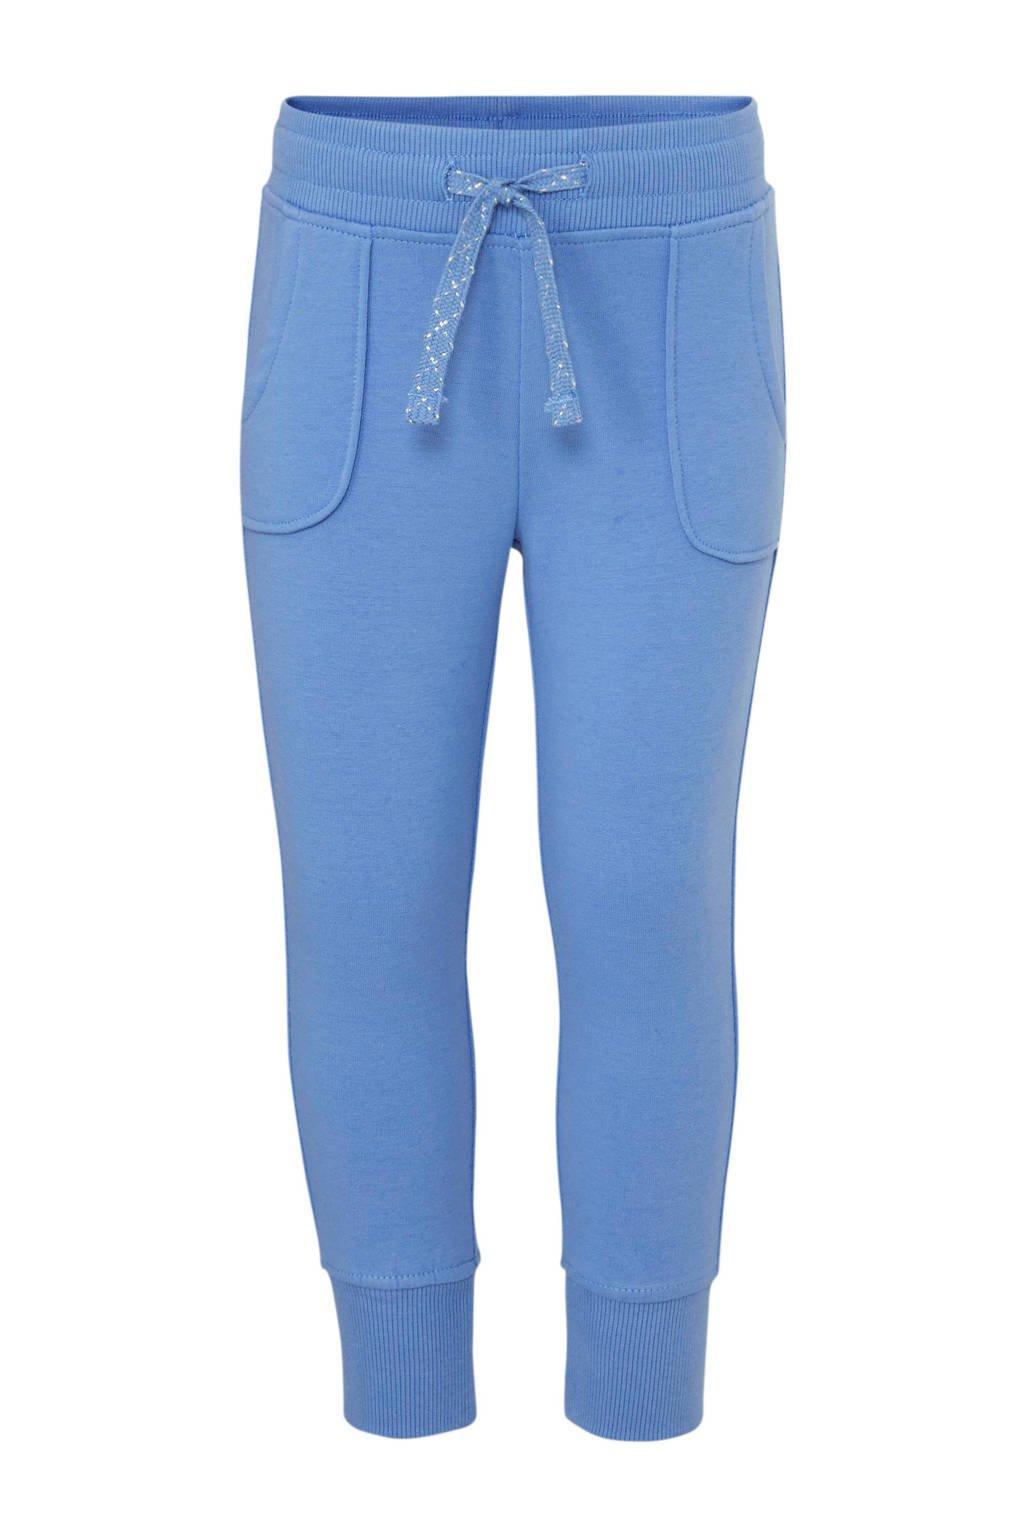 C&A Palomino joggingbroek met biologisch katoen lichtblauw/zilver, Lichtblauw/Zilver